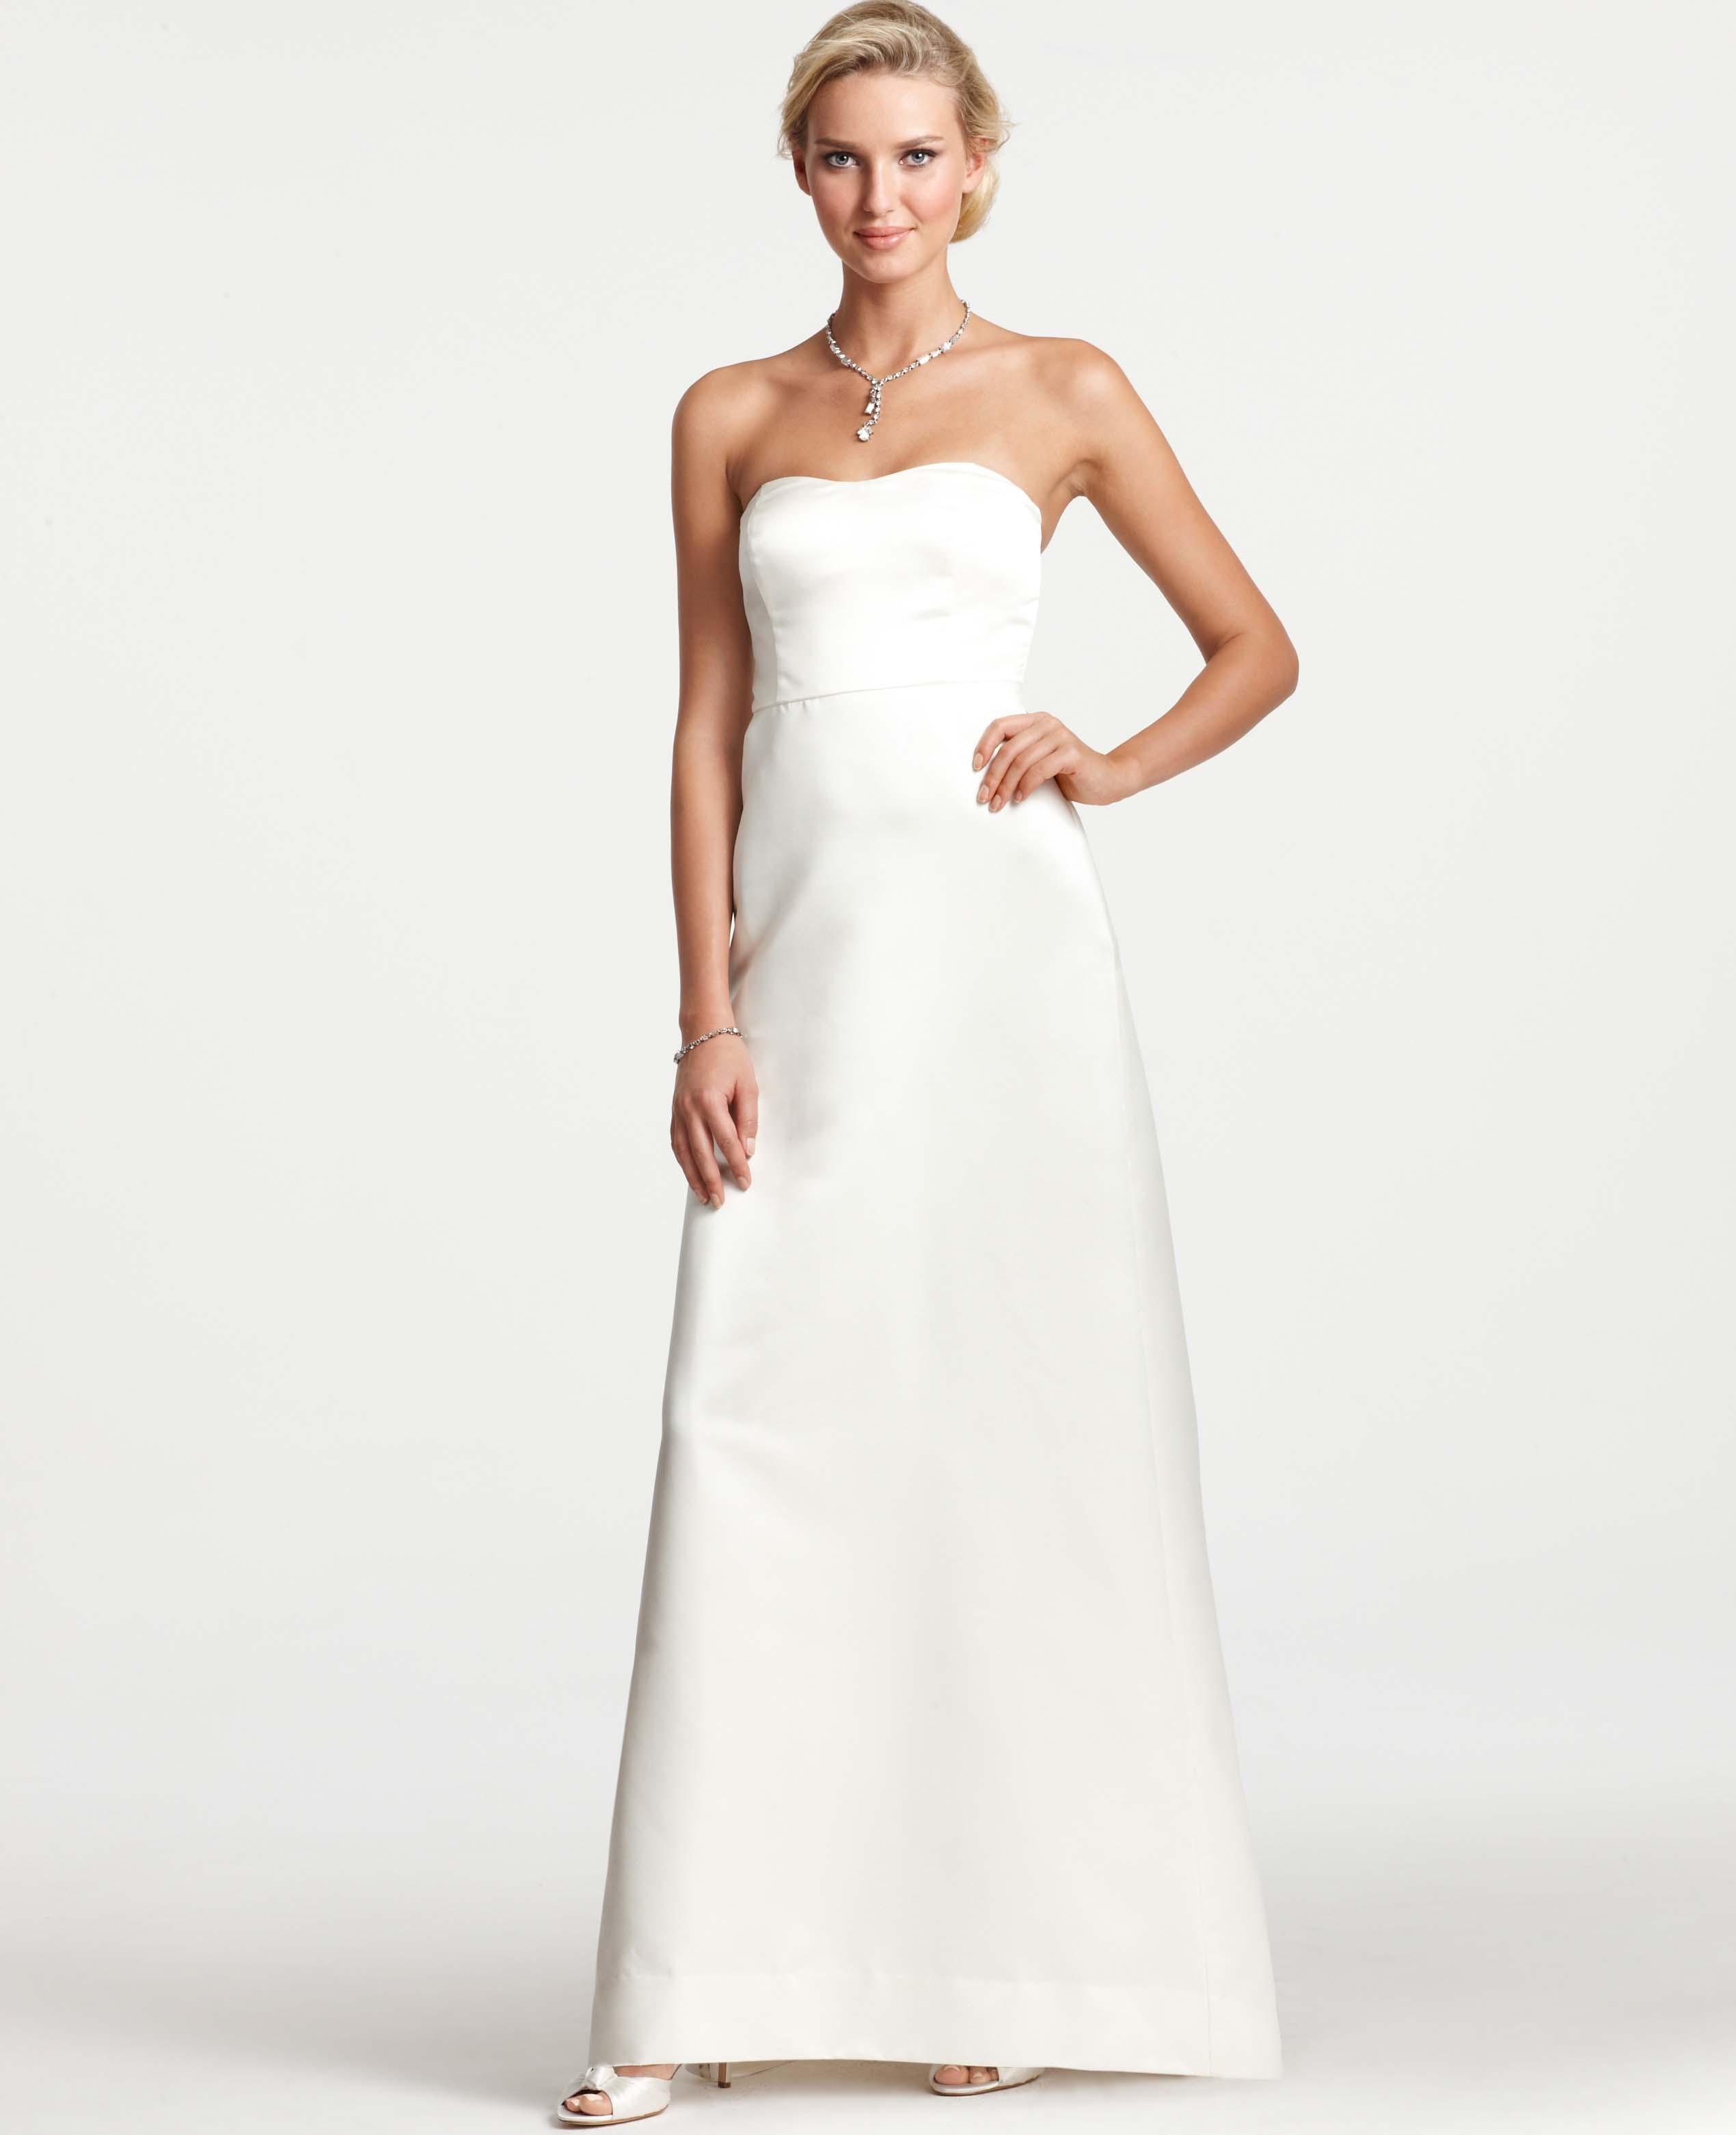 White Satin Strapless Dress - RP Dress